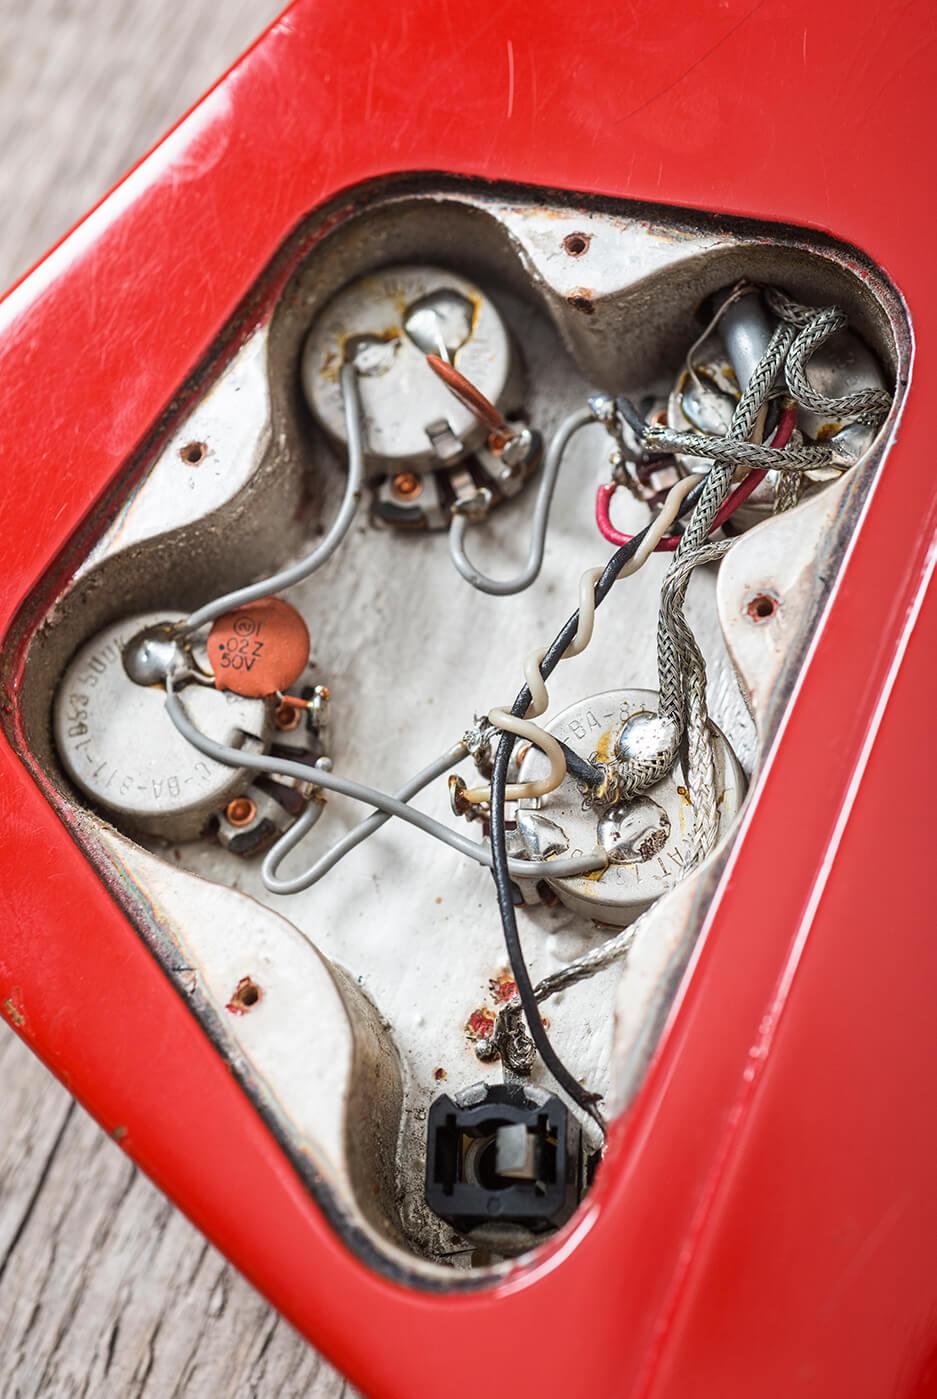 Gibson 1964 Firebird III red internals